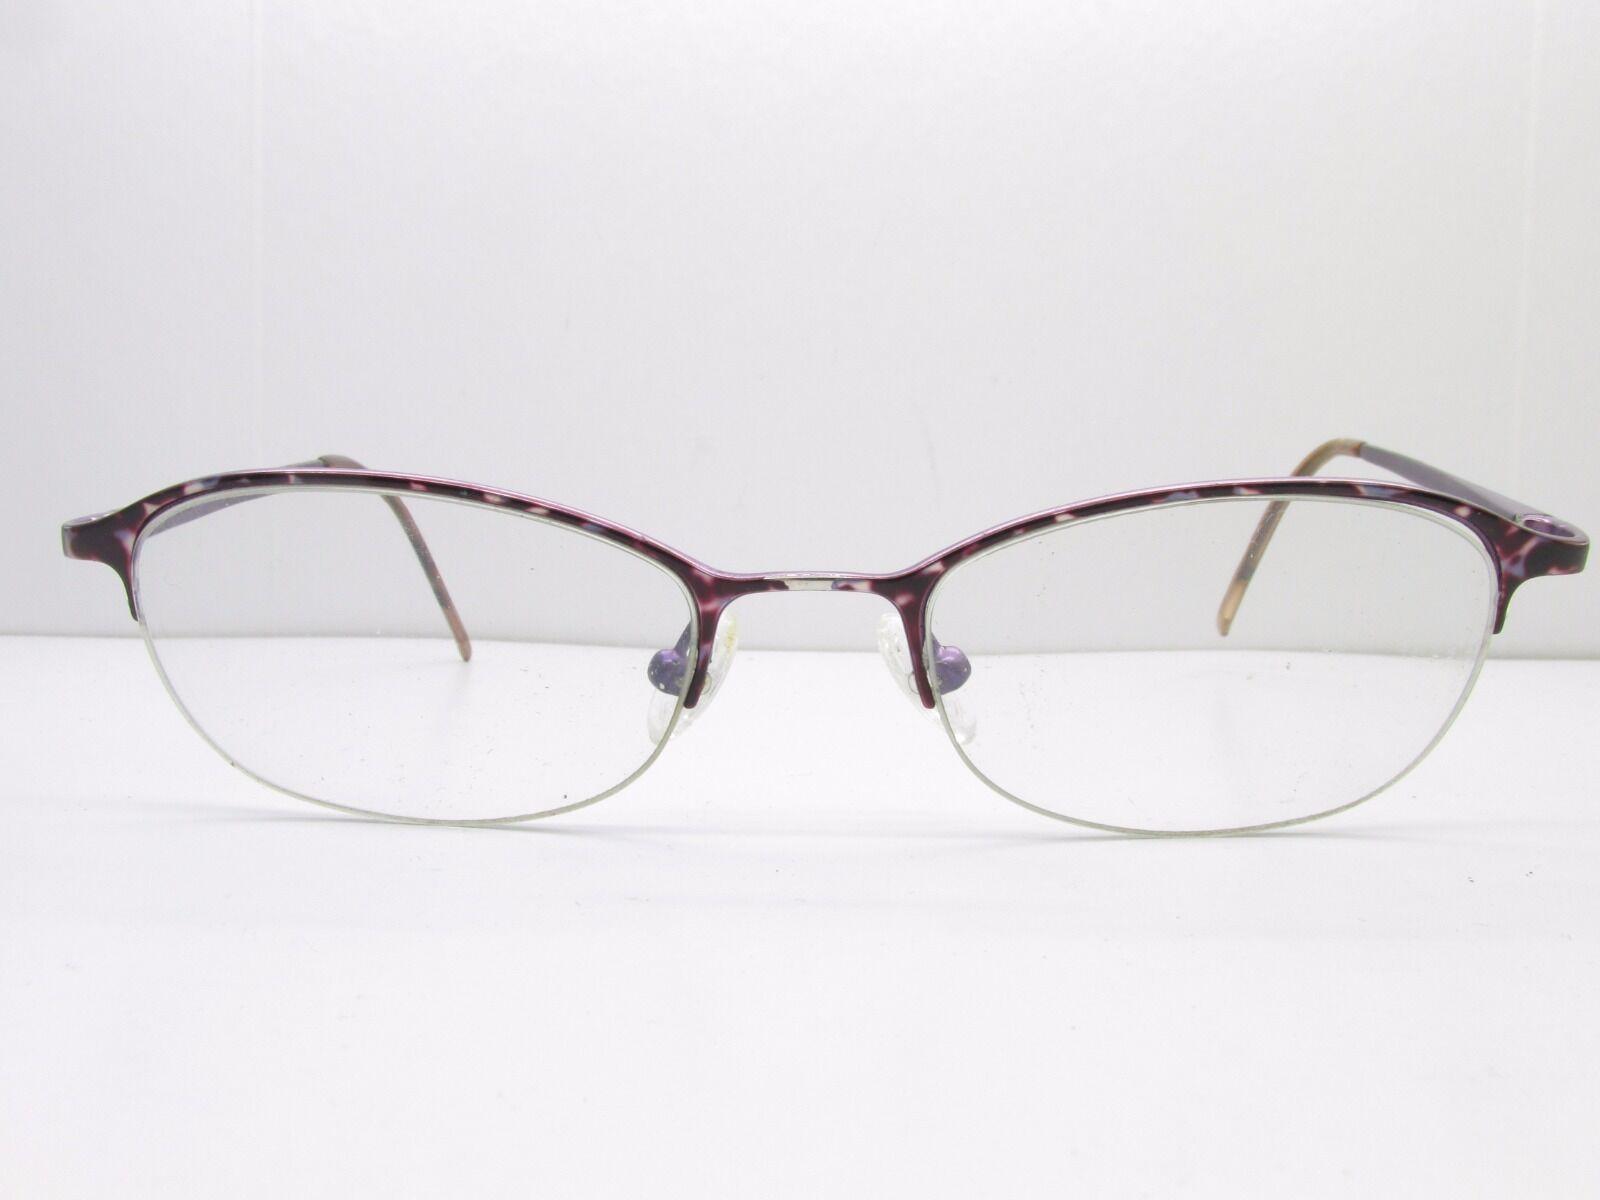 Safilo Elasta 4800 Eyewear Frames 52-18-135 Tortoise Half Rimless ...